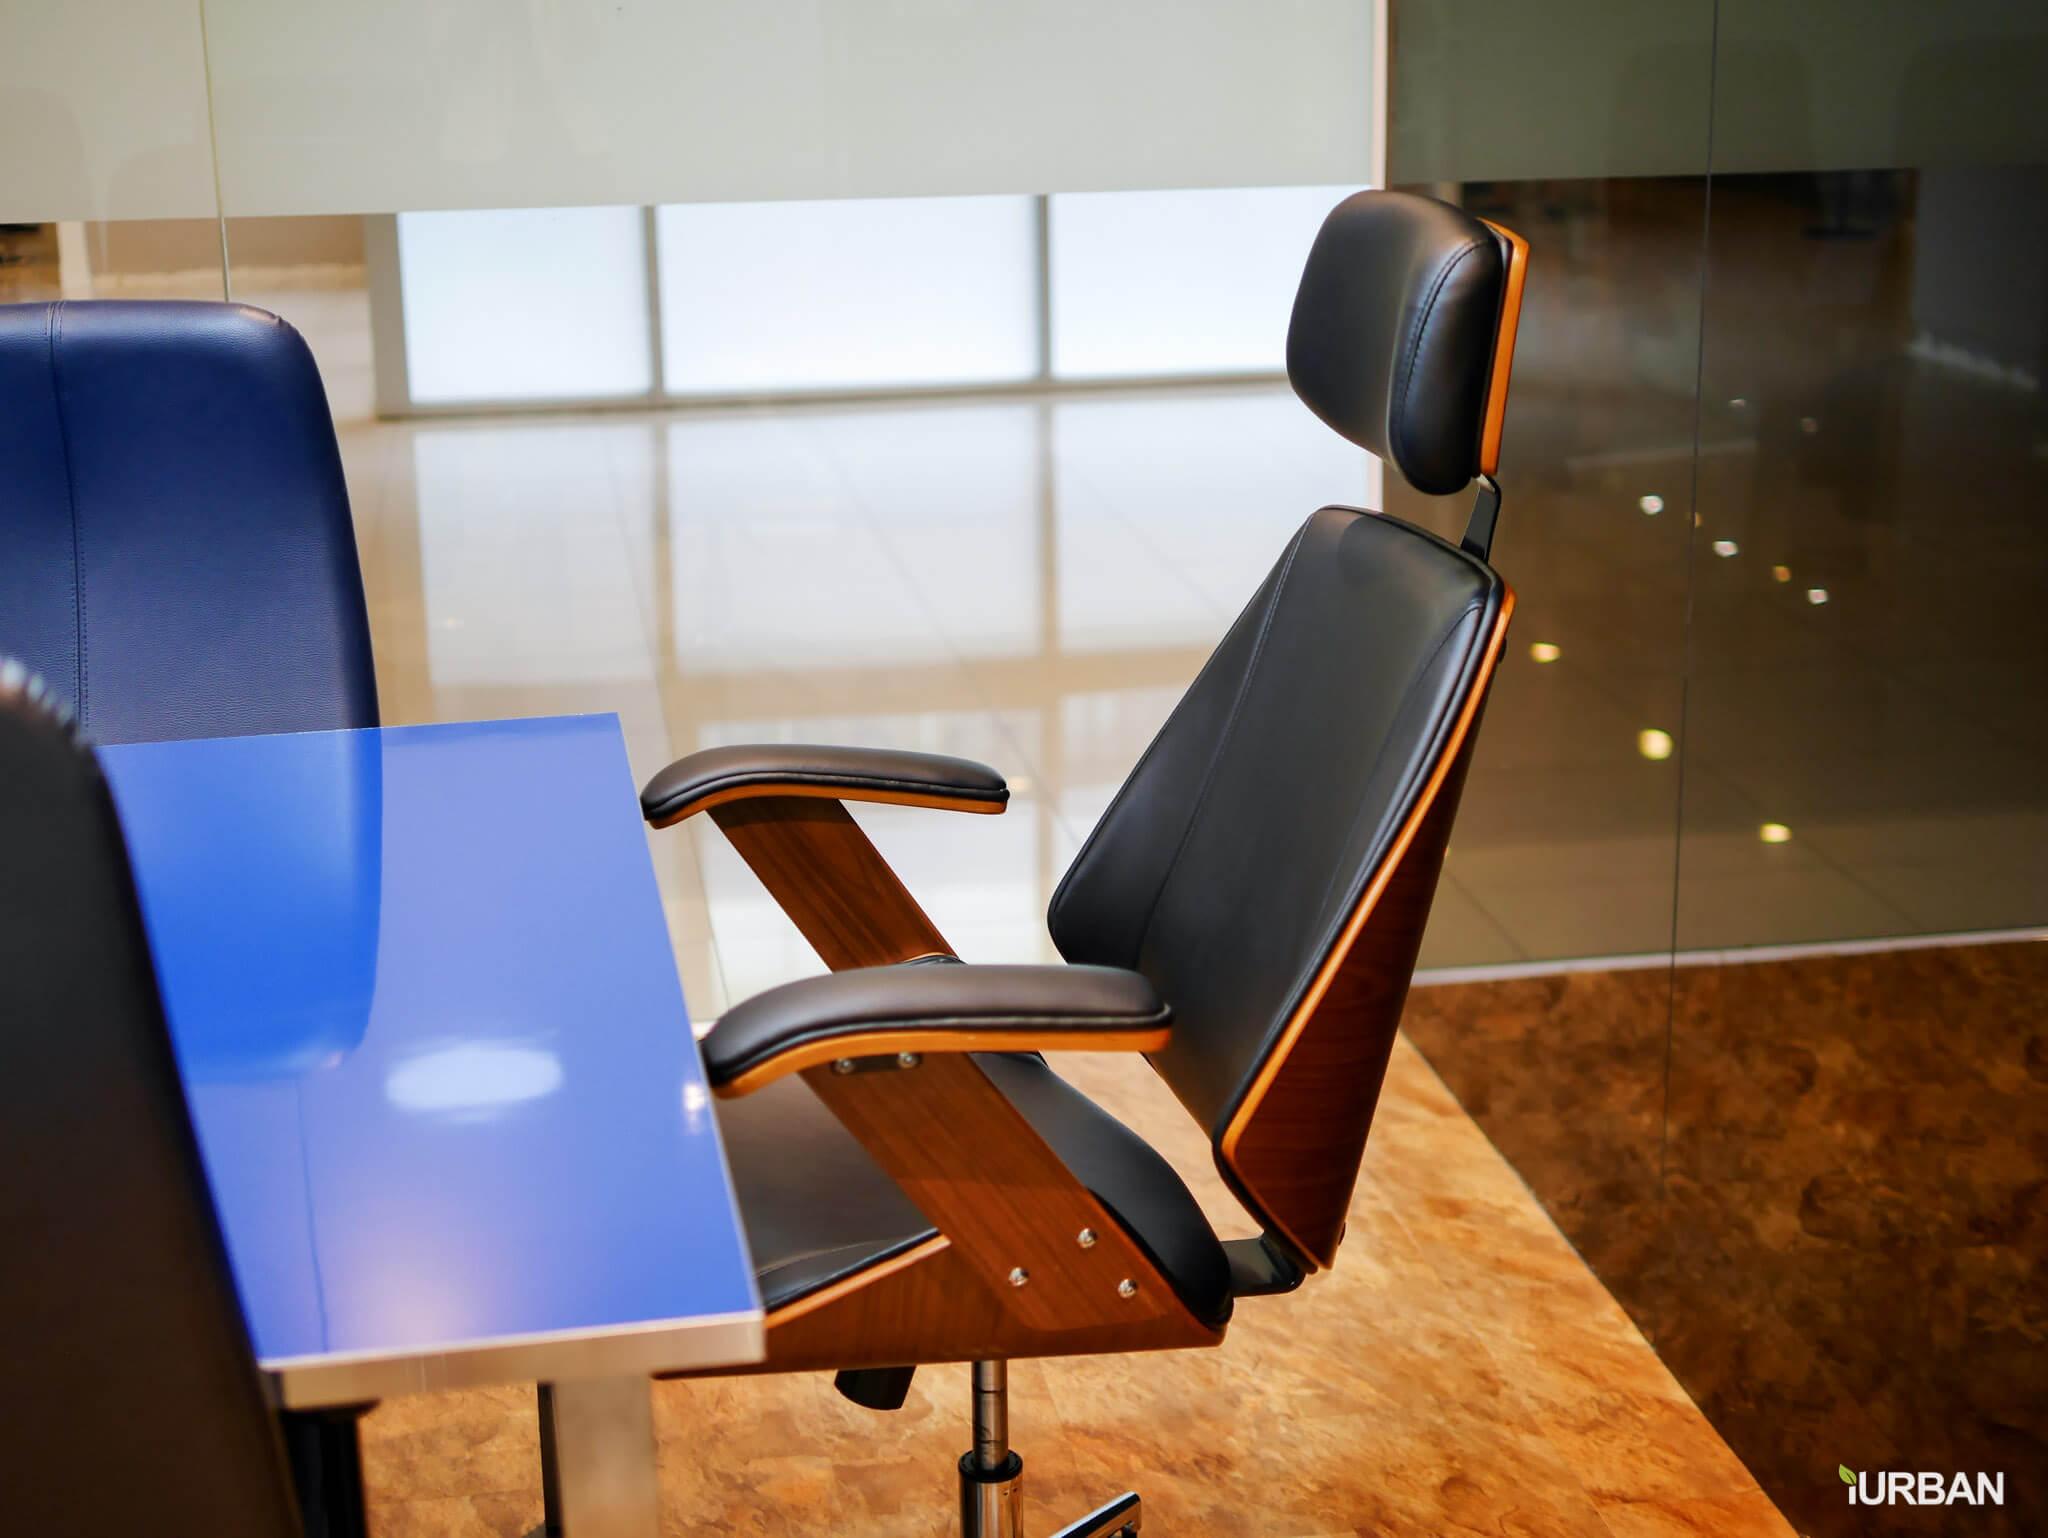 ถ้า Co-Working เปิดบริษัทไม่ได้ Biz Concierge ทำได้ ออฟฟิศ Start Up ใจกลางเมือง เริ่มแค่หลักพัน 36 - Business